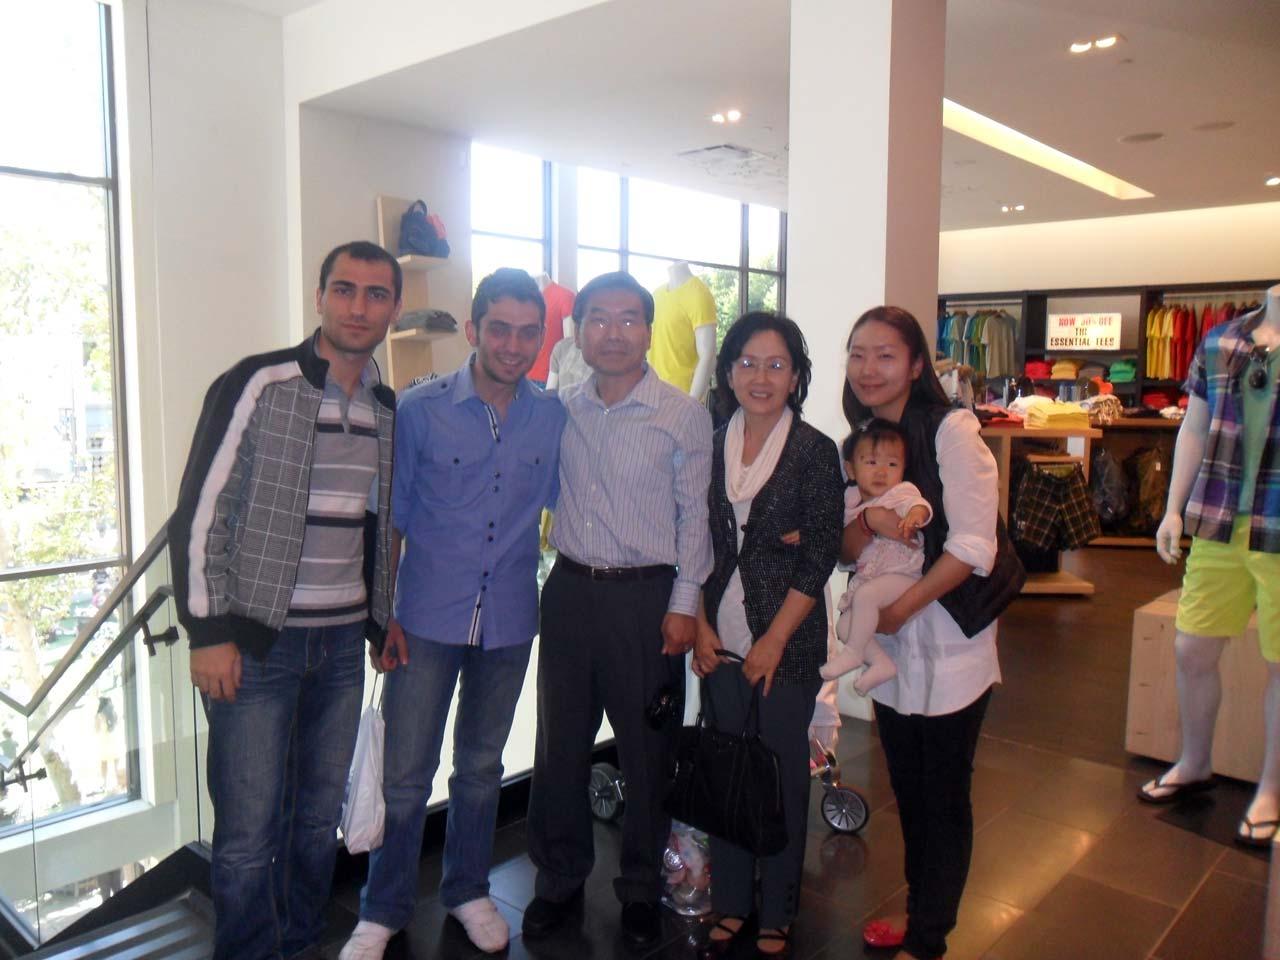 Bir alışveriş merkezinde karşılaştığımız, Samsun'da oturan Koreli aile